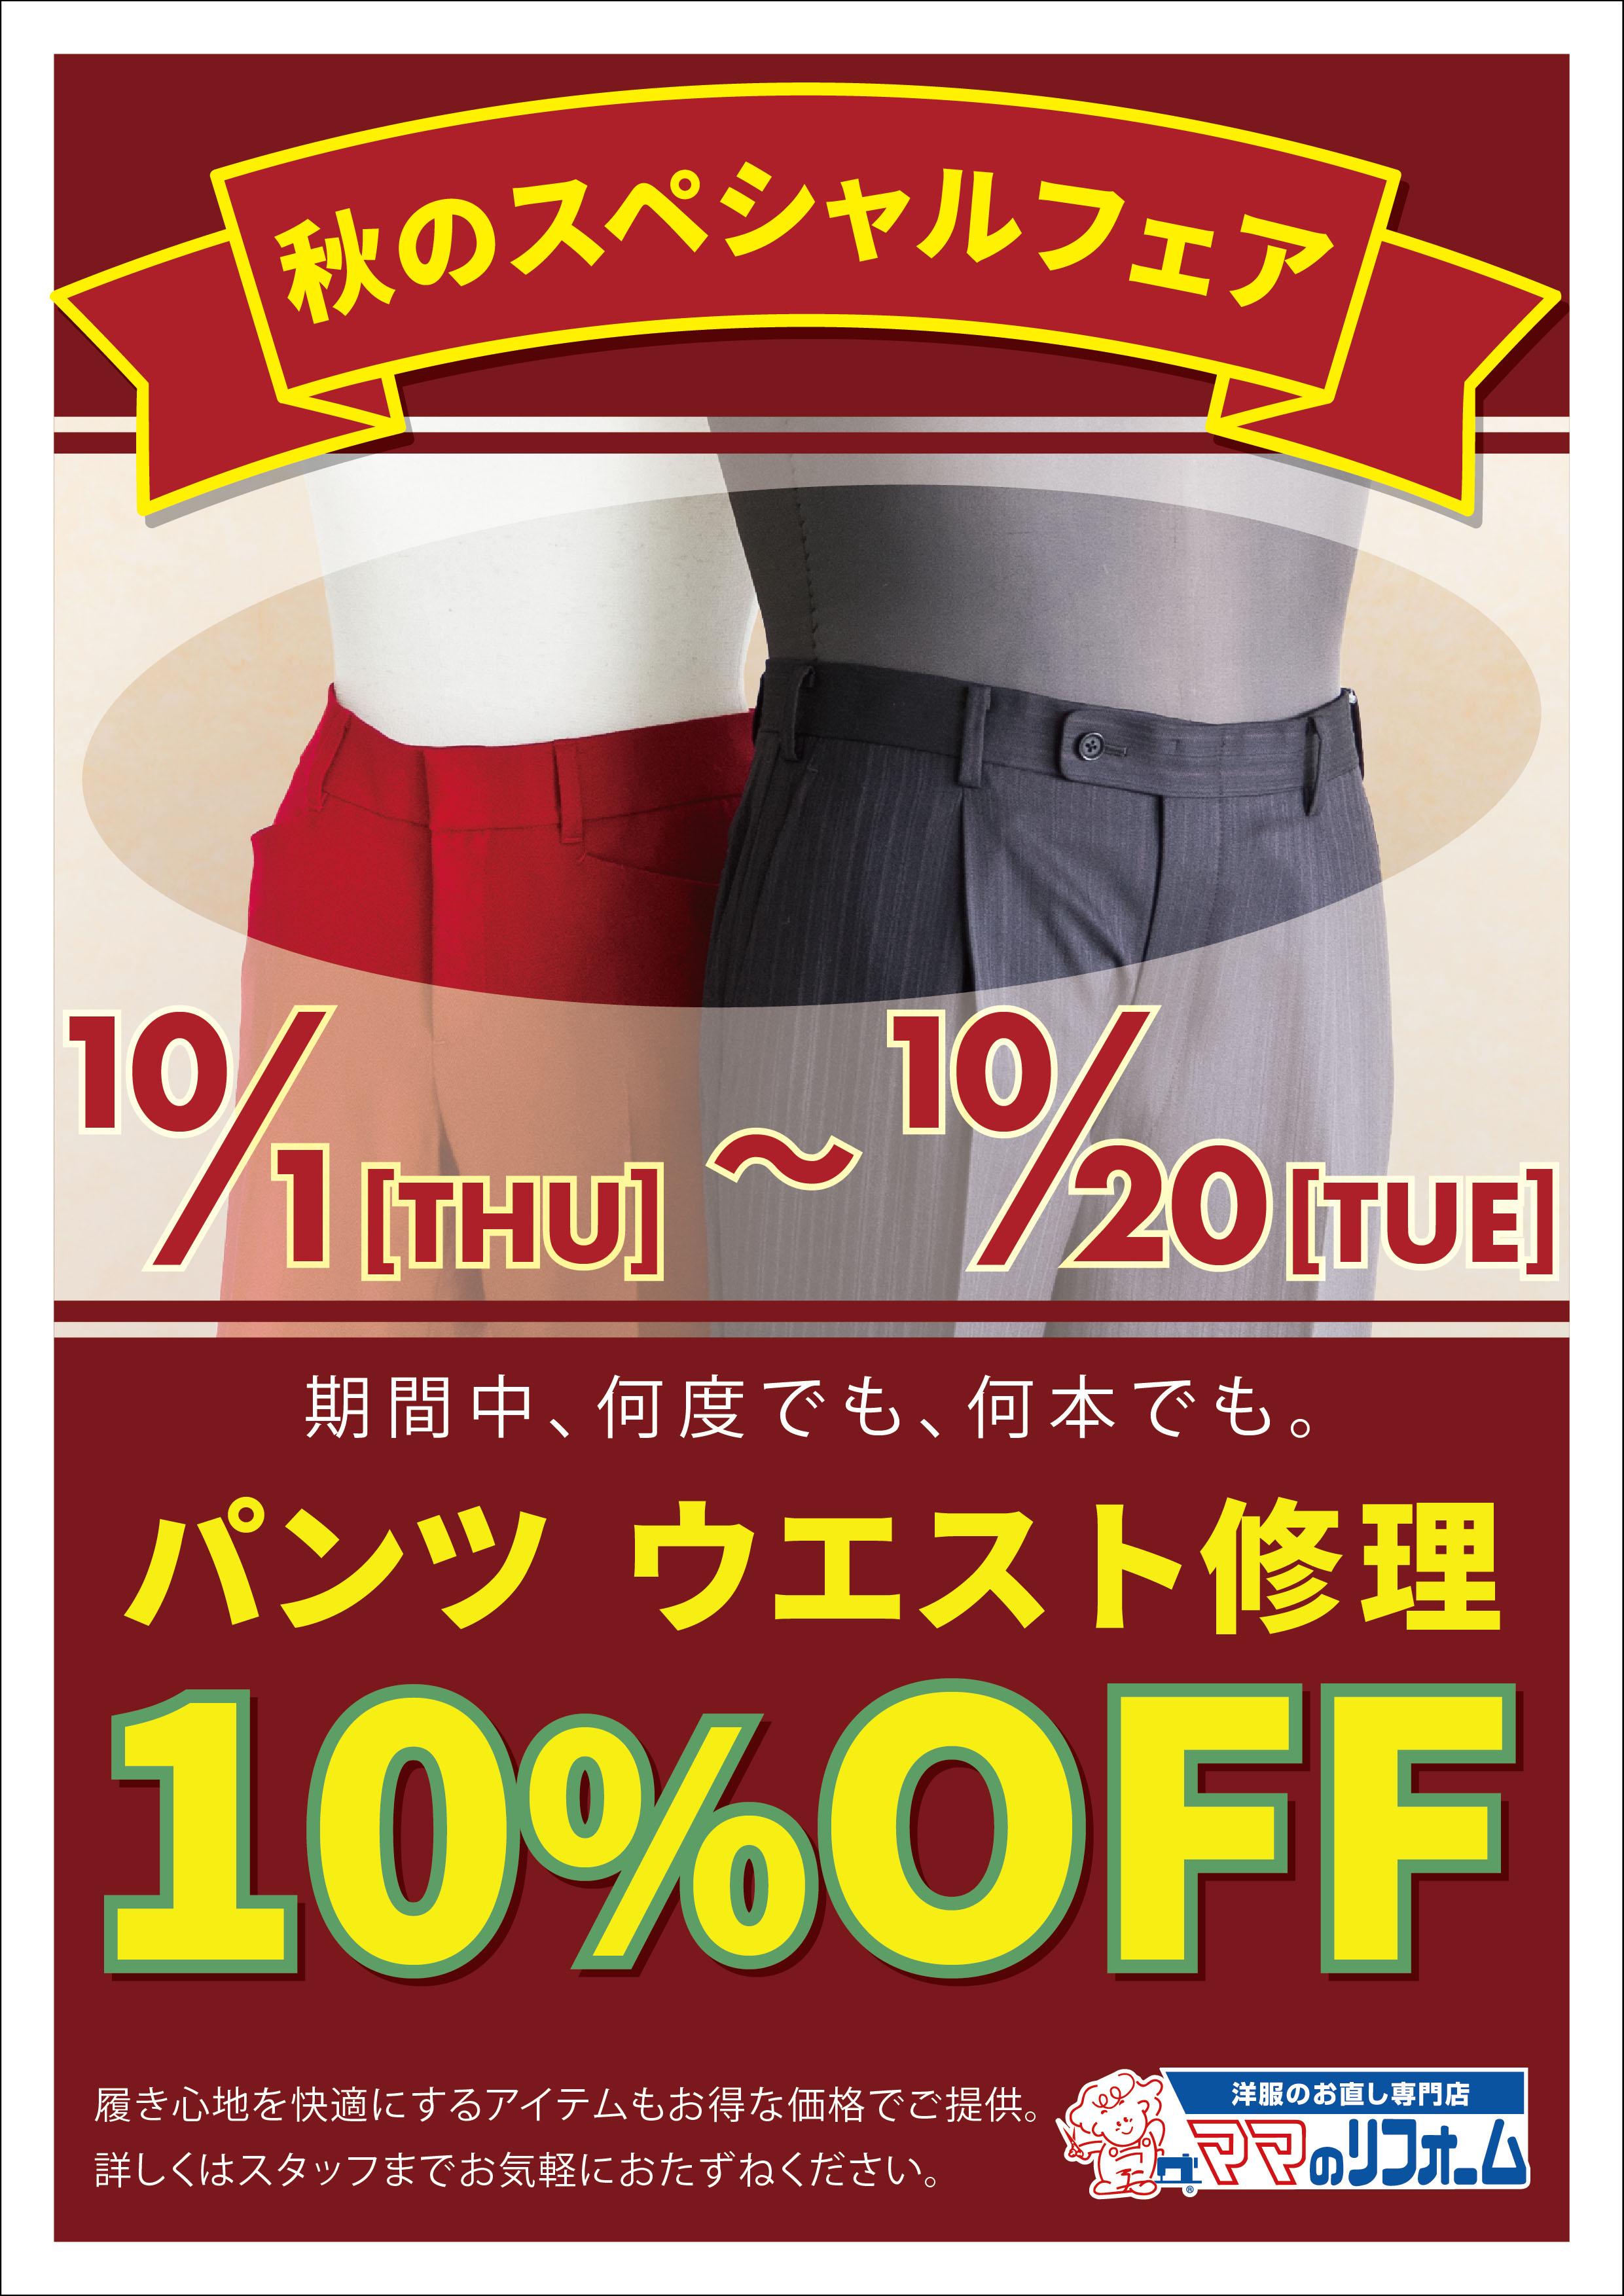 パンツのウエスト修理10%OFF!:イメージ